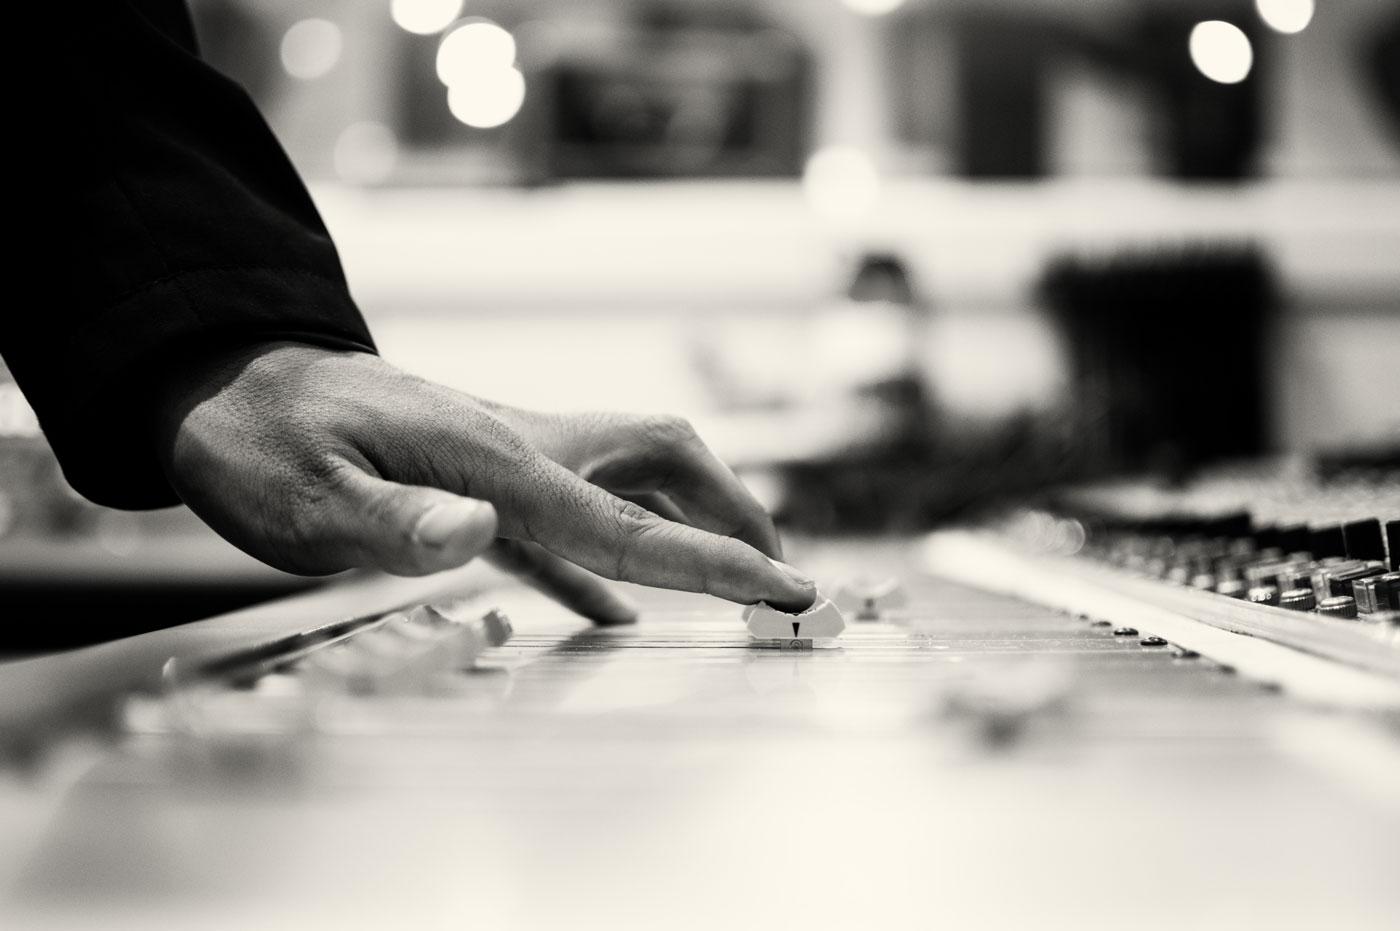 1_Musikanvandning